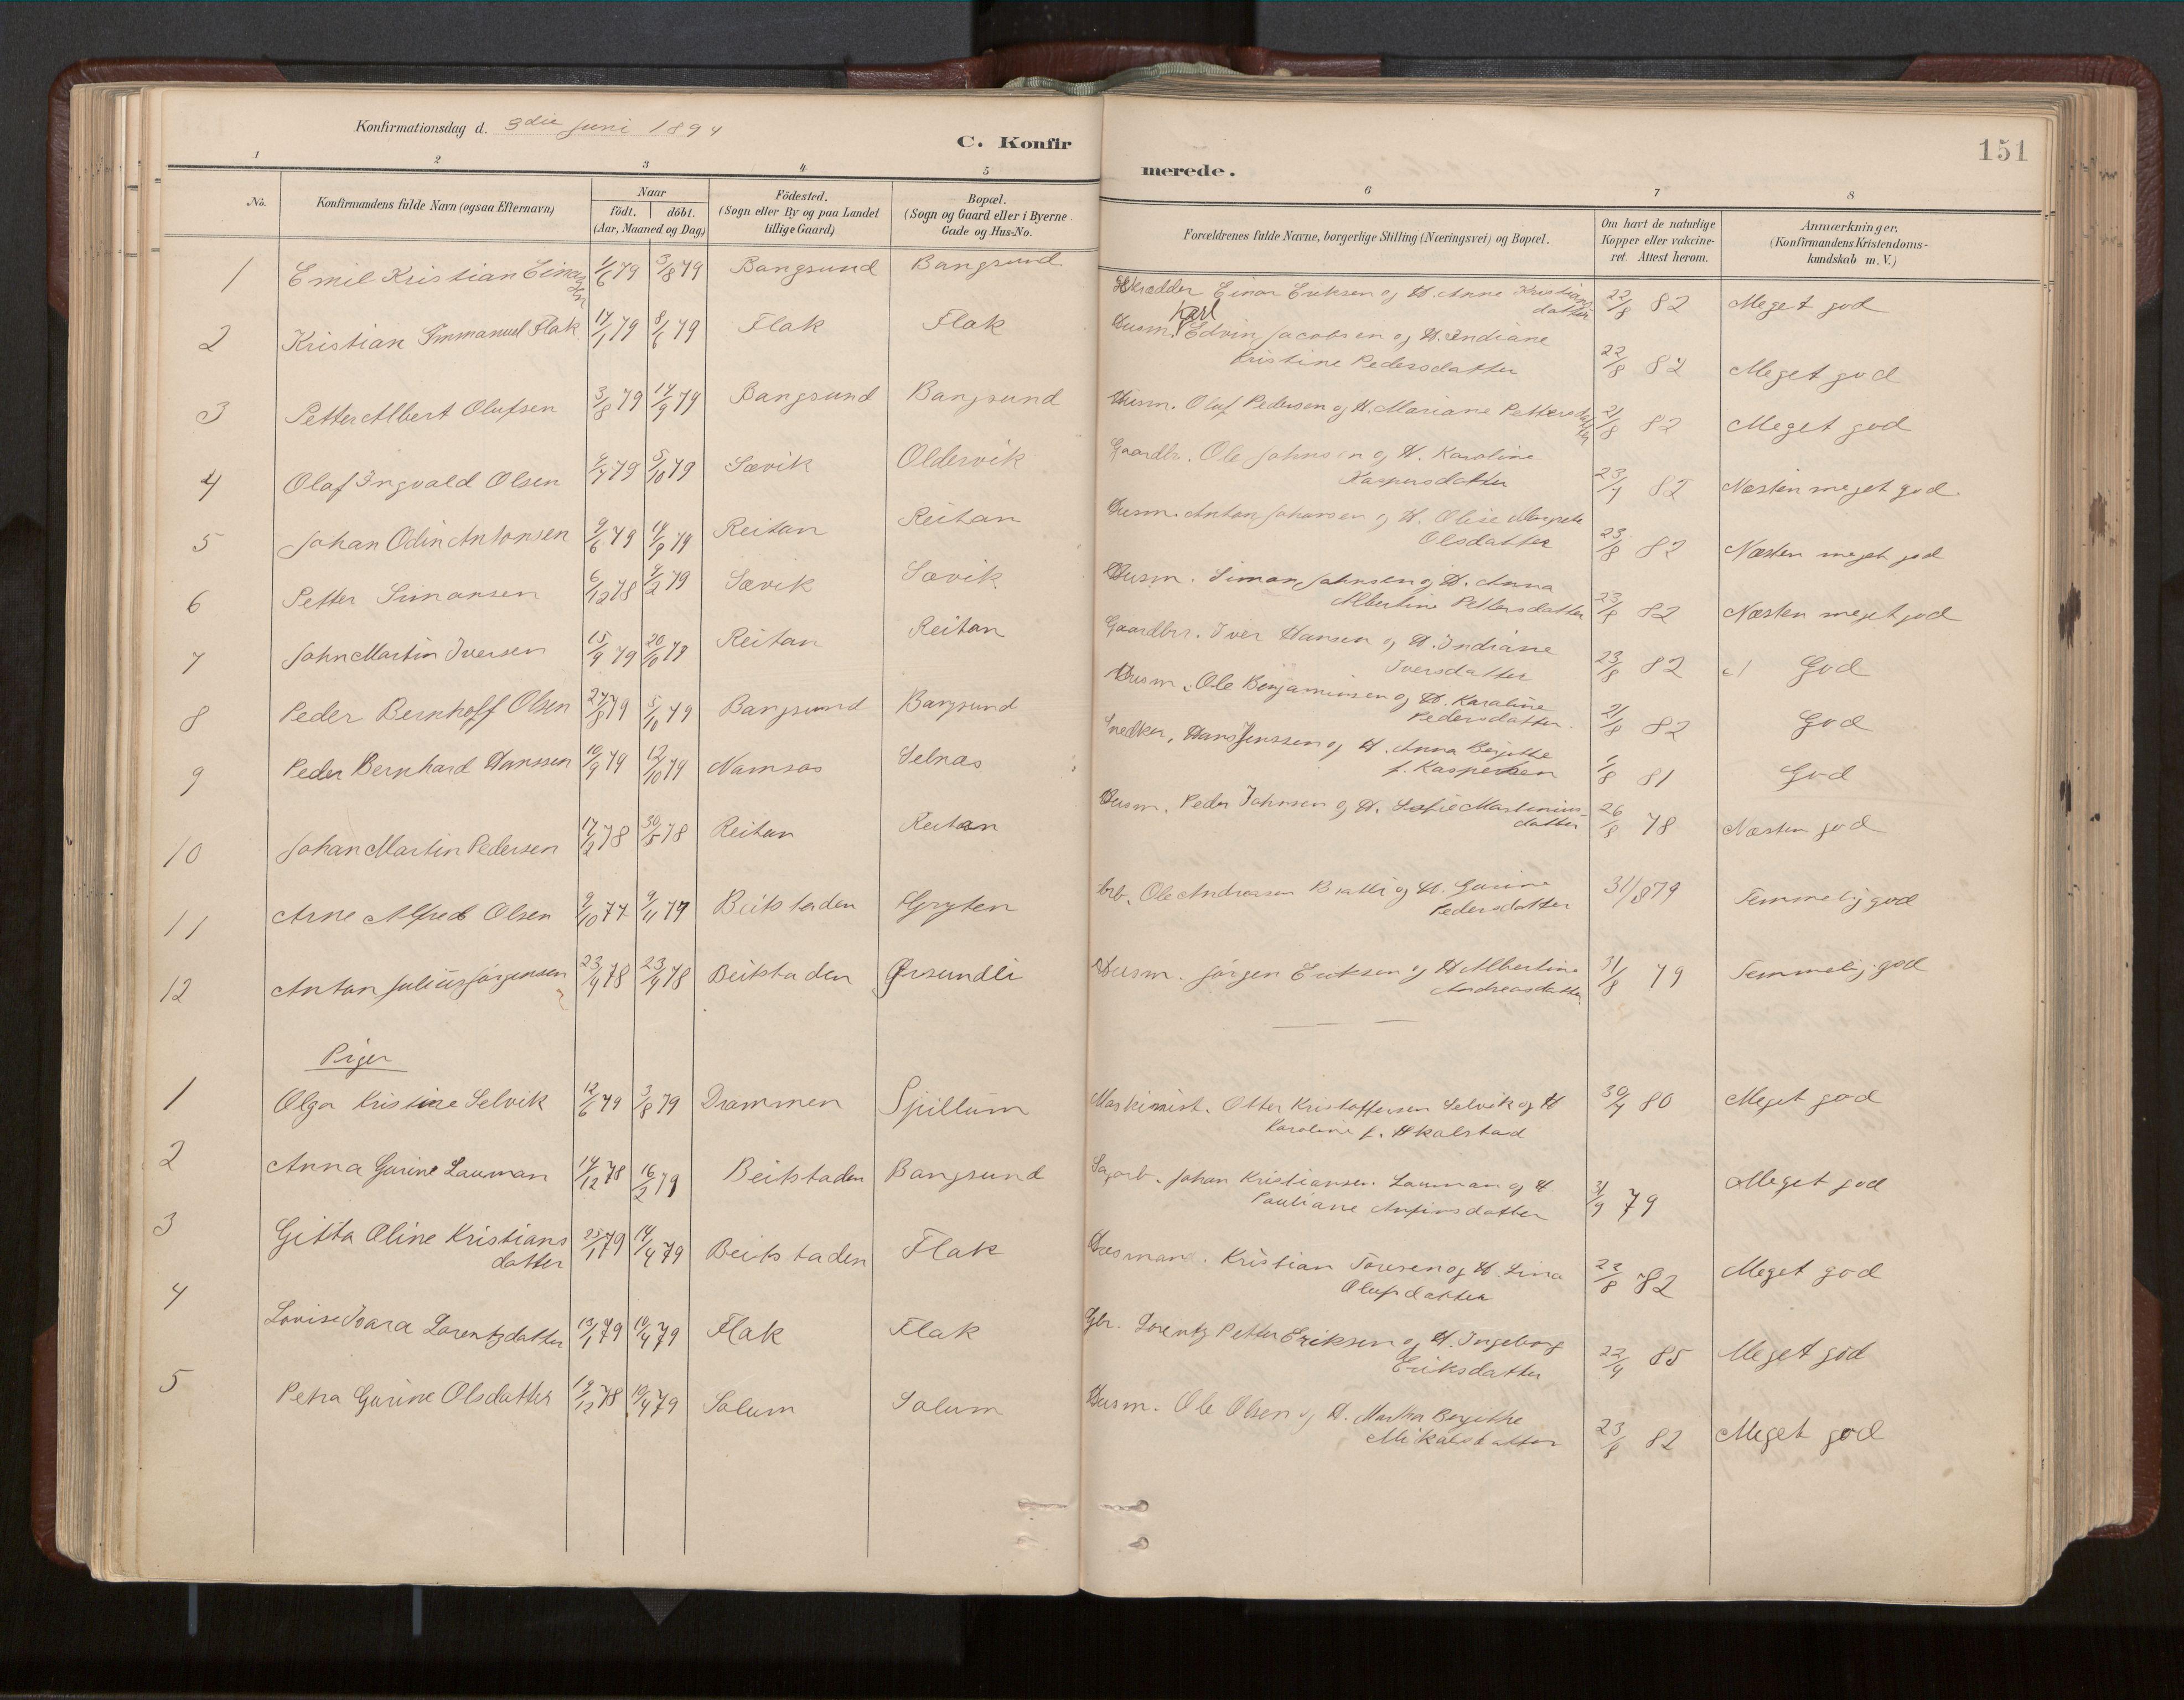 SAT, Ministerialprotokoller, klokkerbøker og fødselsregistre - Nord-Trøndelag, 770/L0589: Ministerialbok nr. 770A03, 1887-1929, s. 151